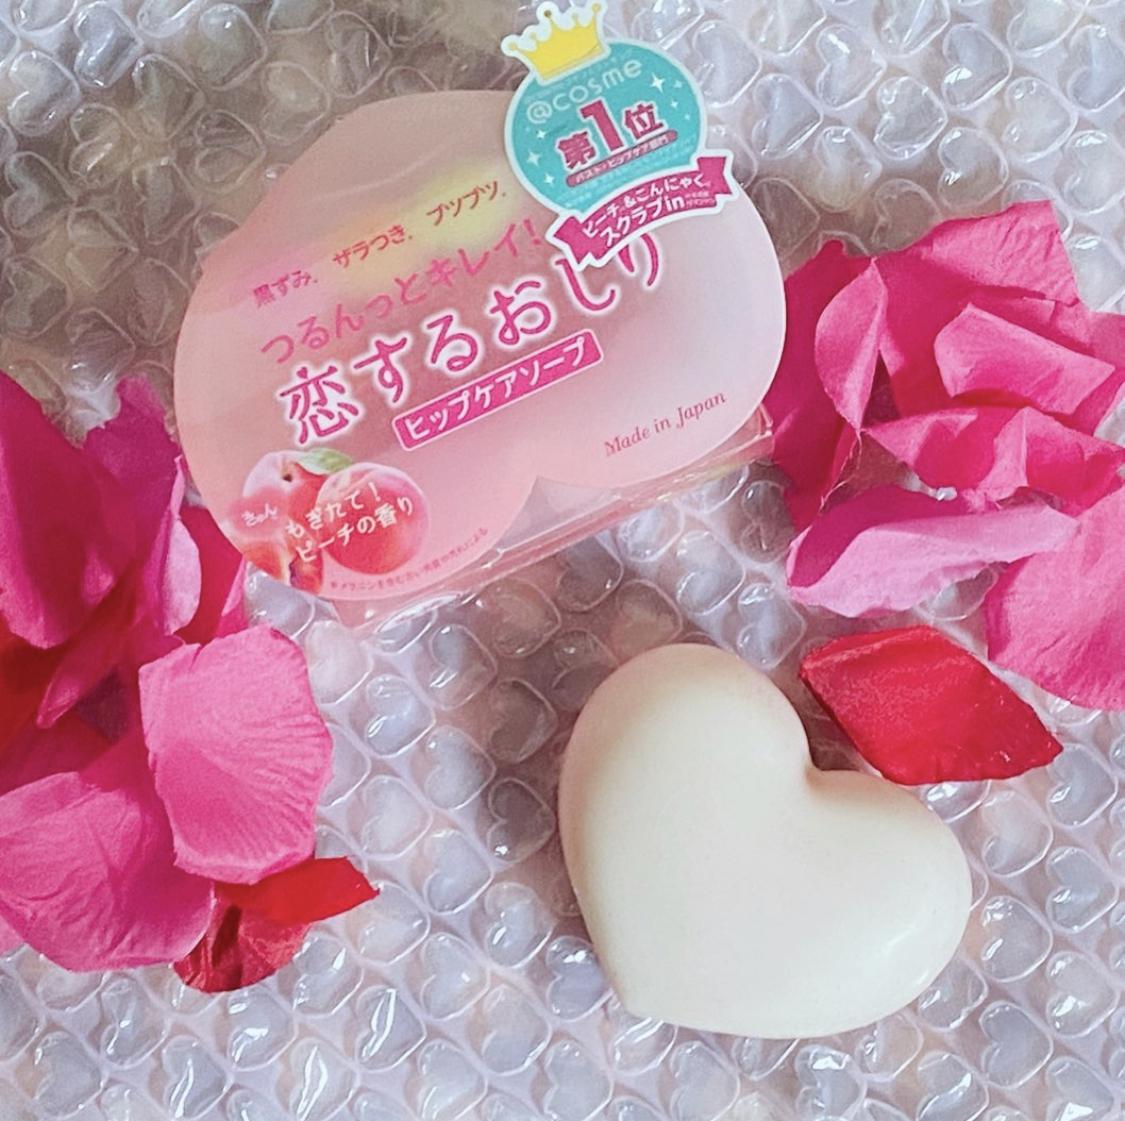 ペリカン石鹸(PELICAN SOAP) 恋するおしり ヒップケアソープを使ったnaoさんのクチコミ画像1